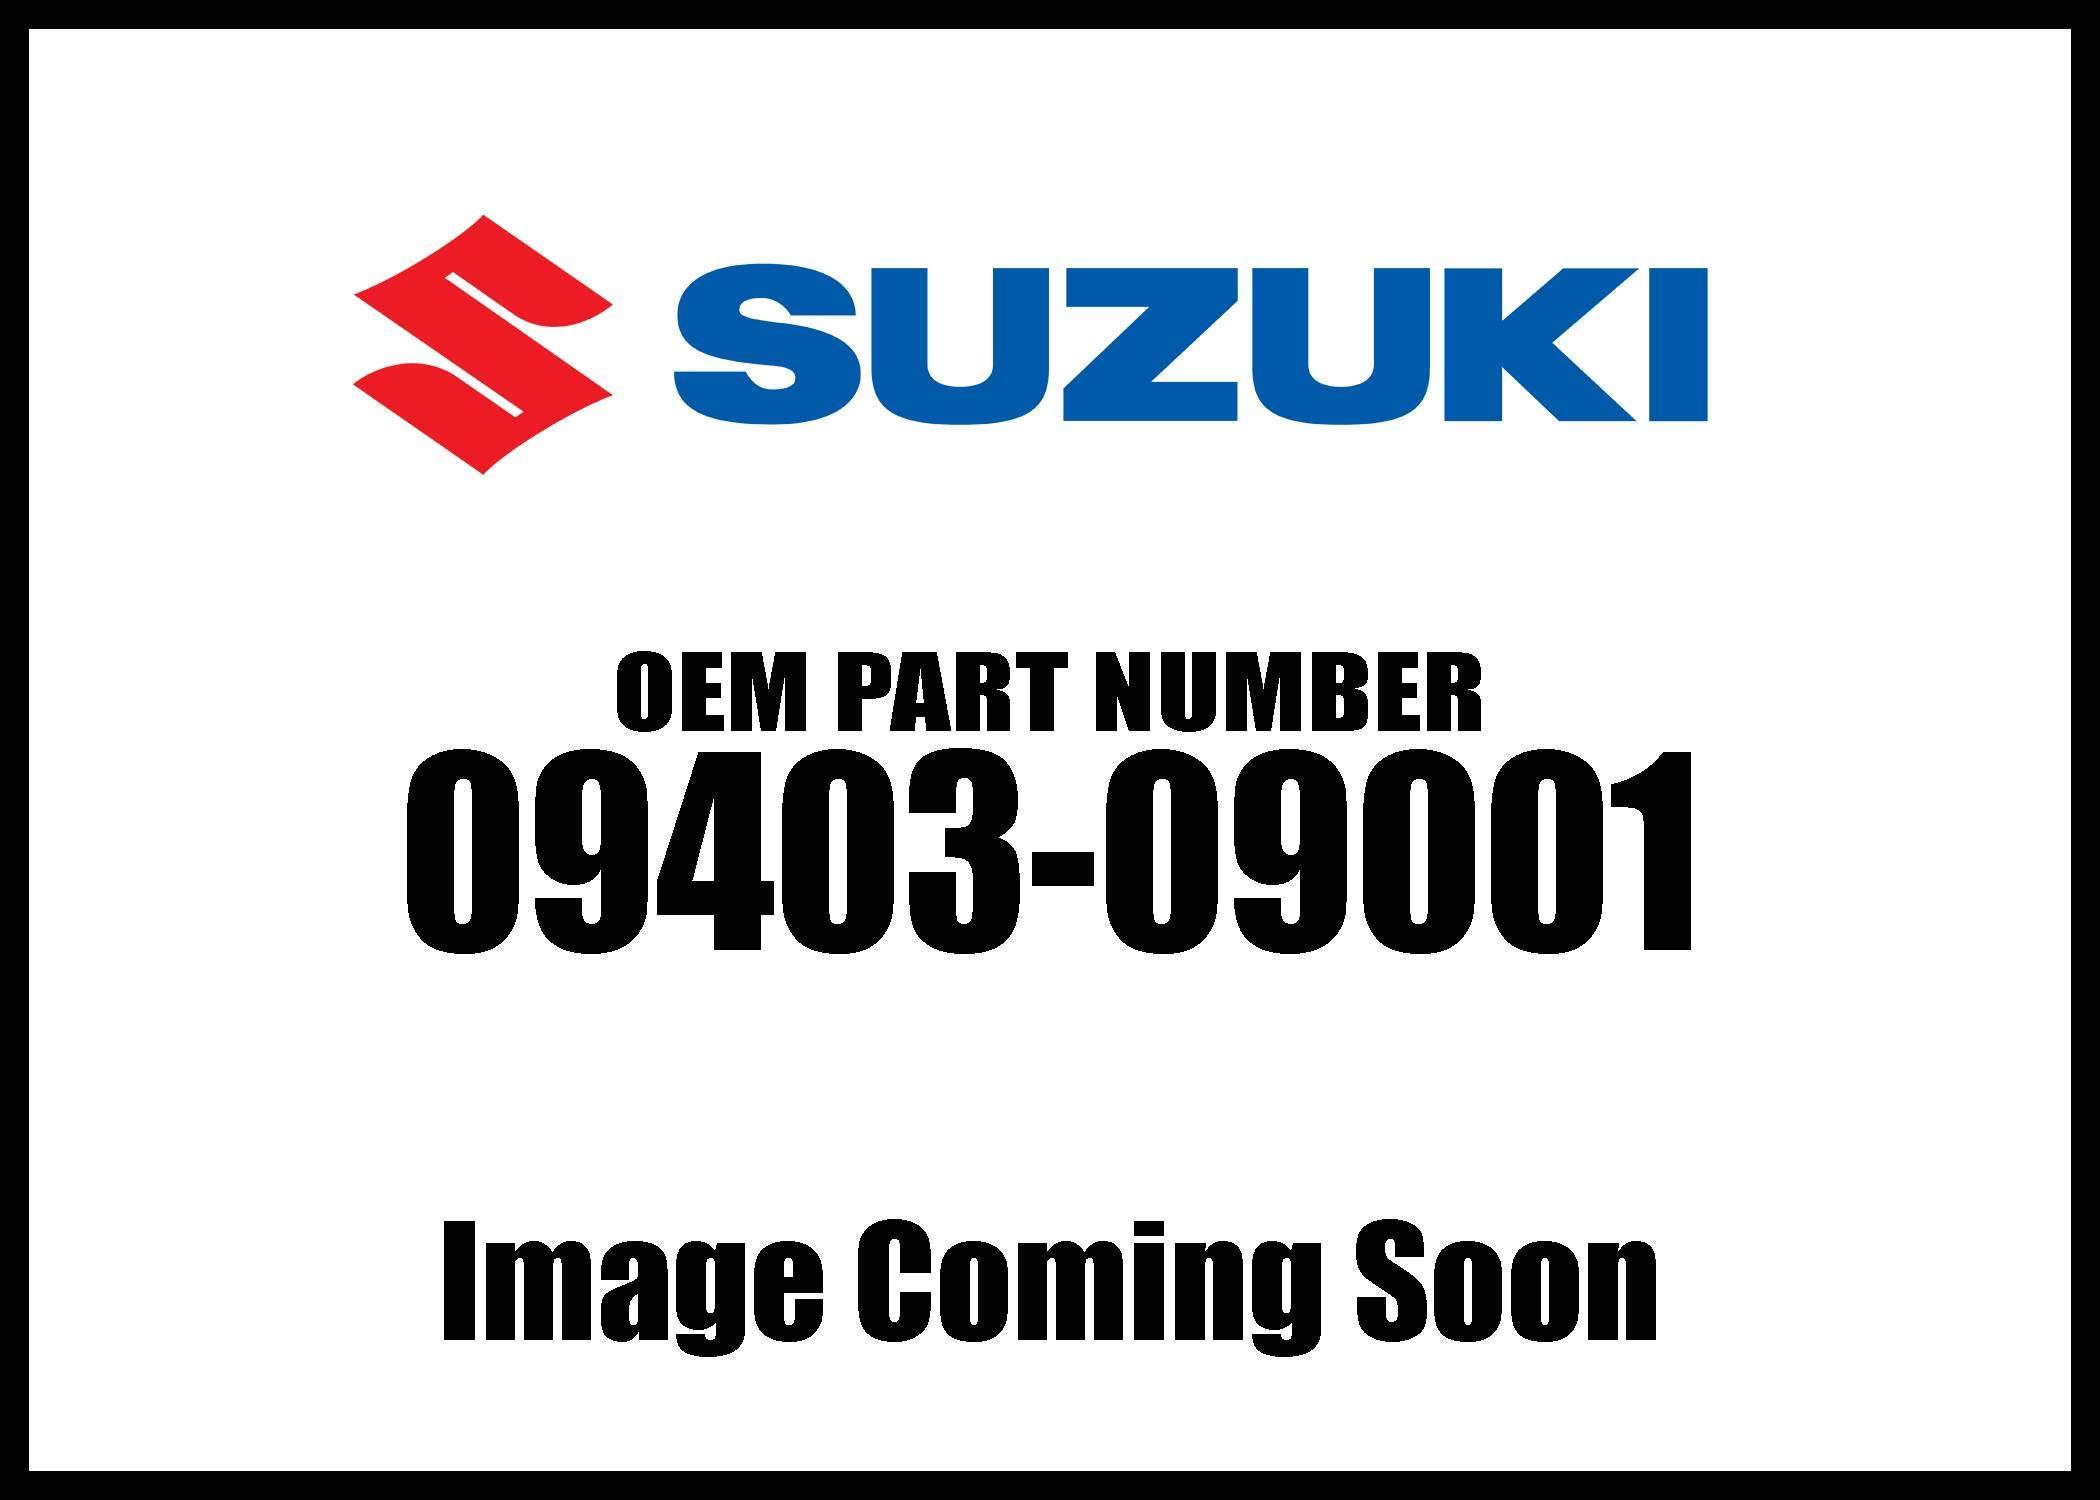 Suzuki Clamp Fuel Hose 09403-09001 New Oem